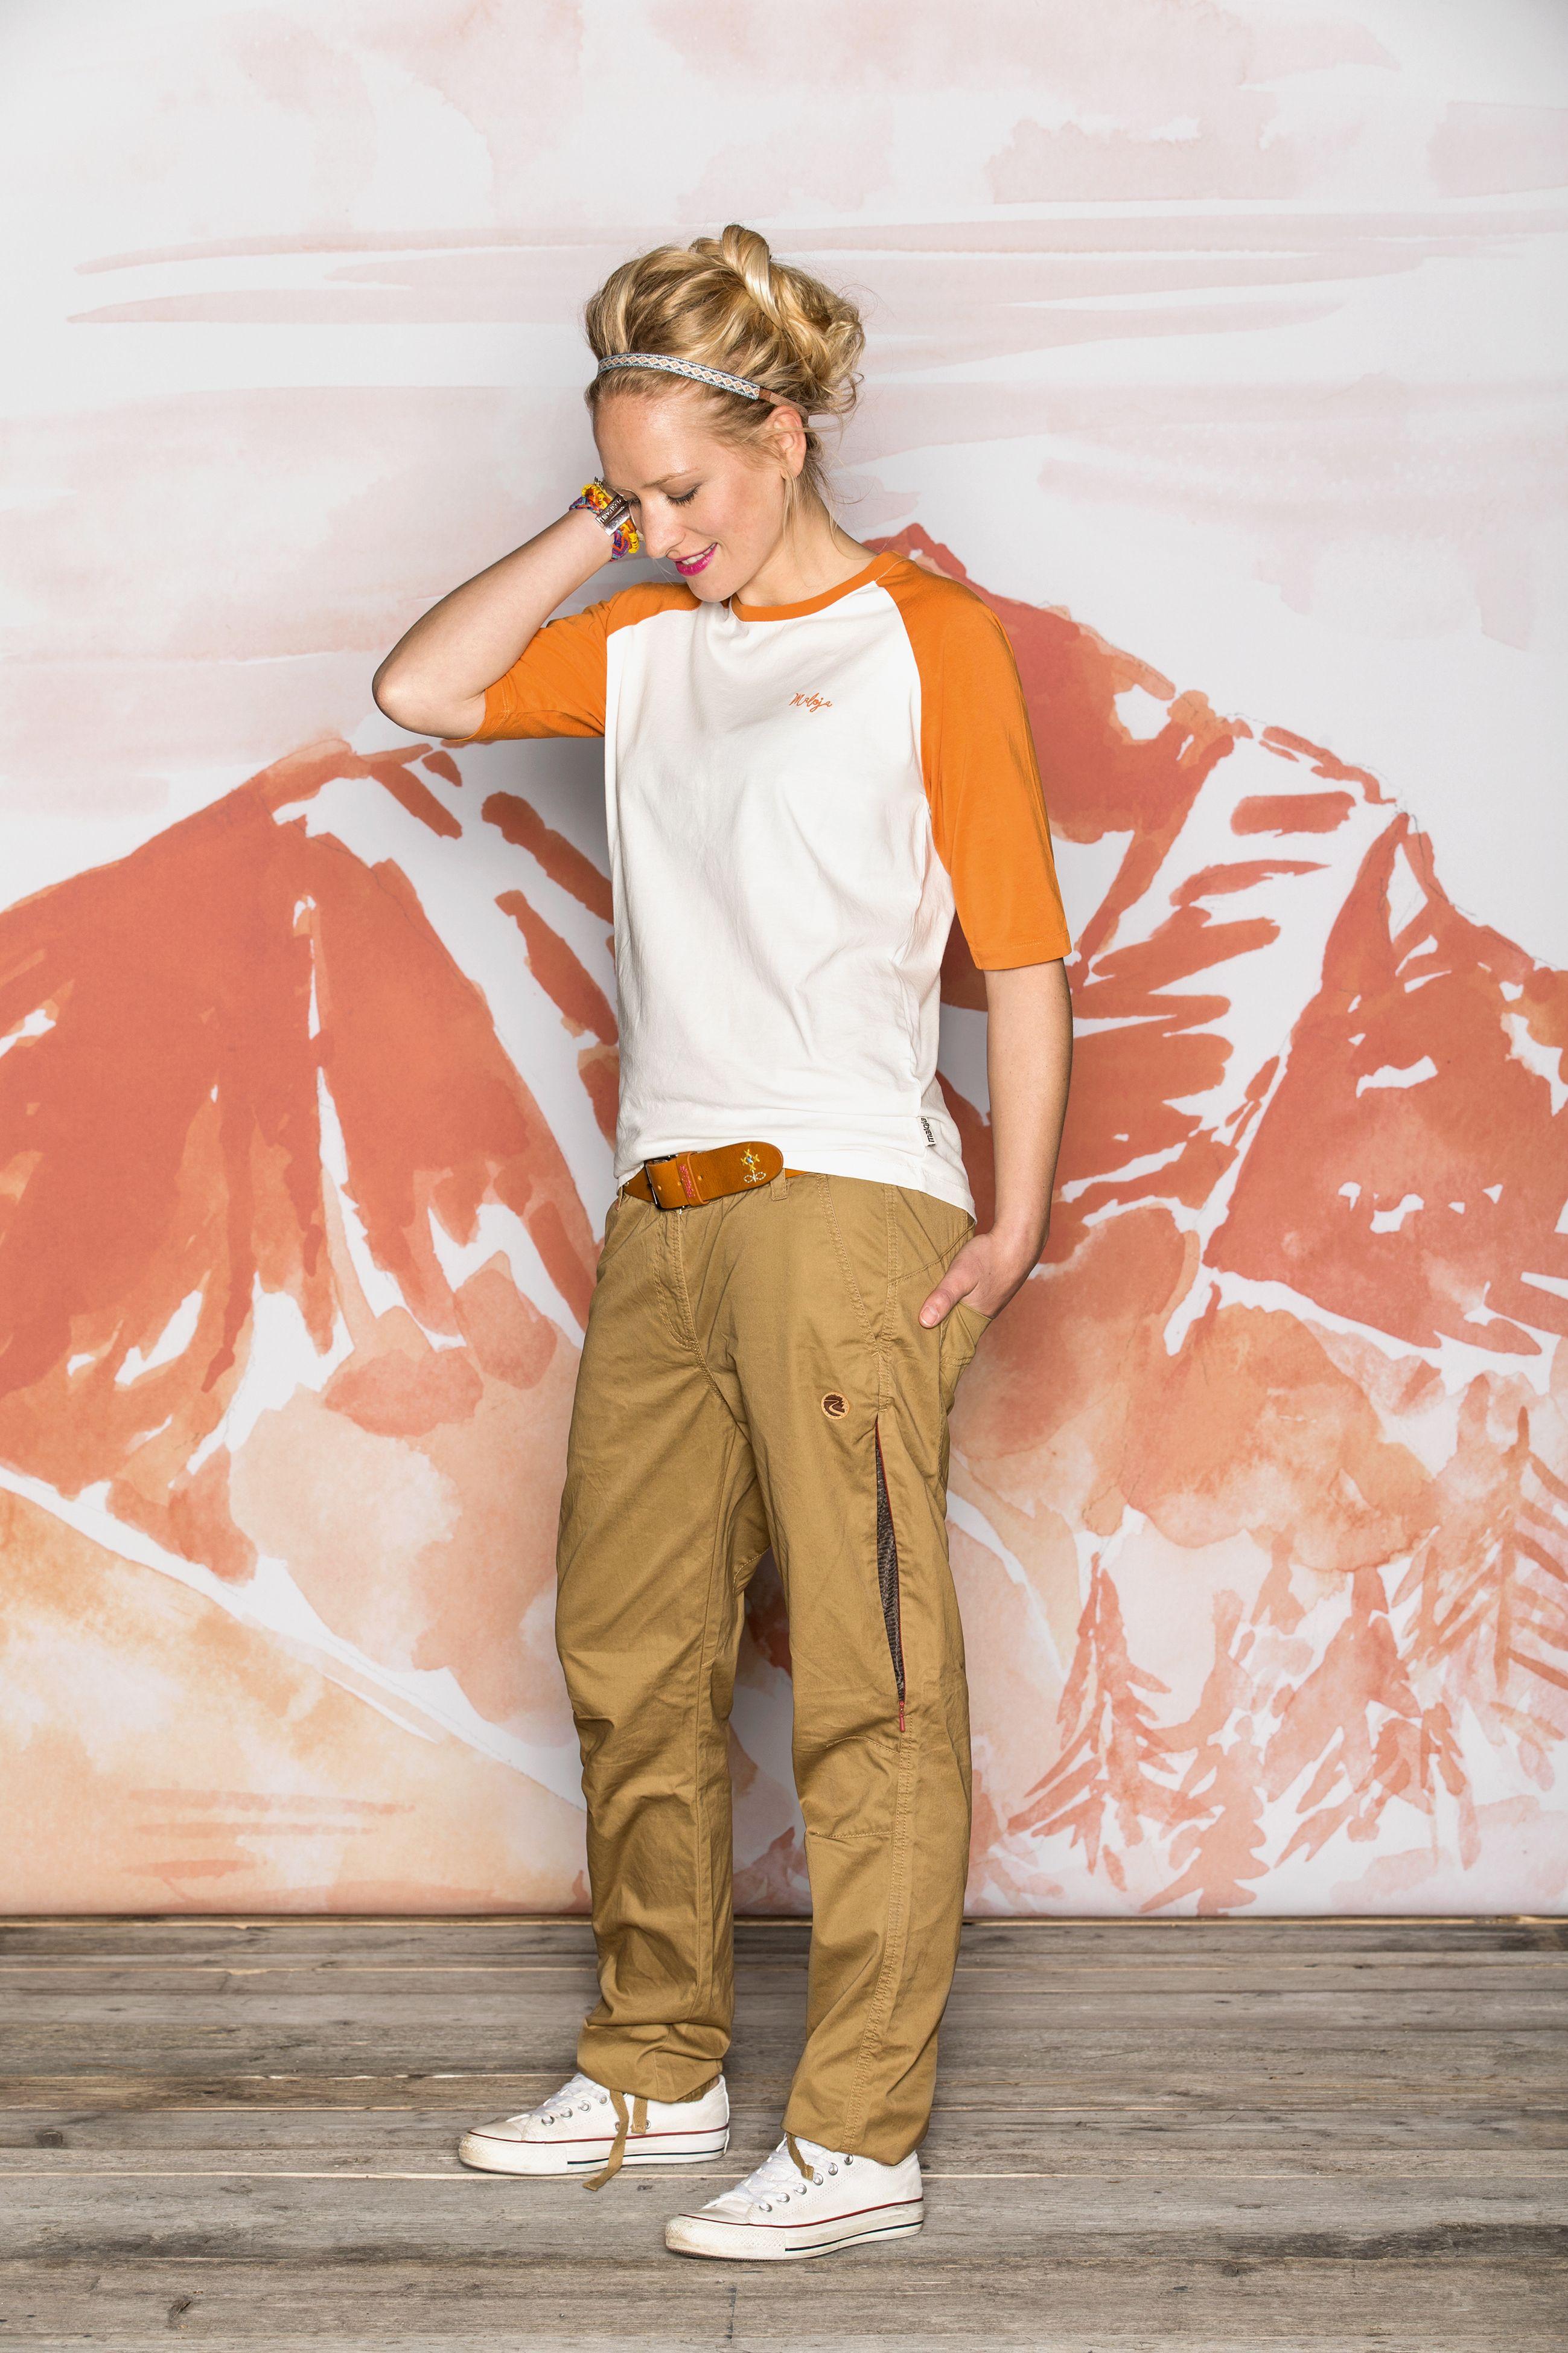 maloja streetwear beyond the mountains women   Women